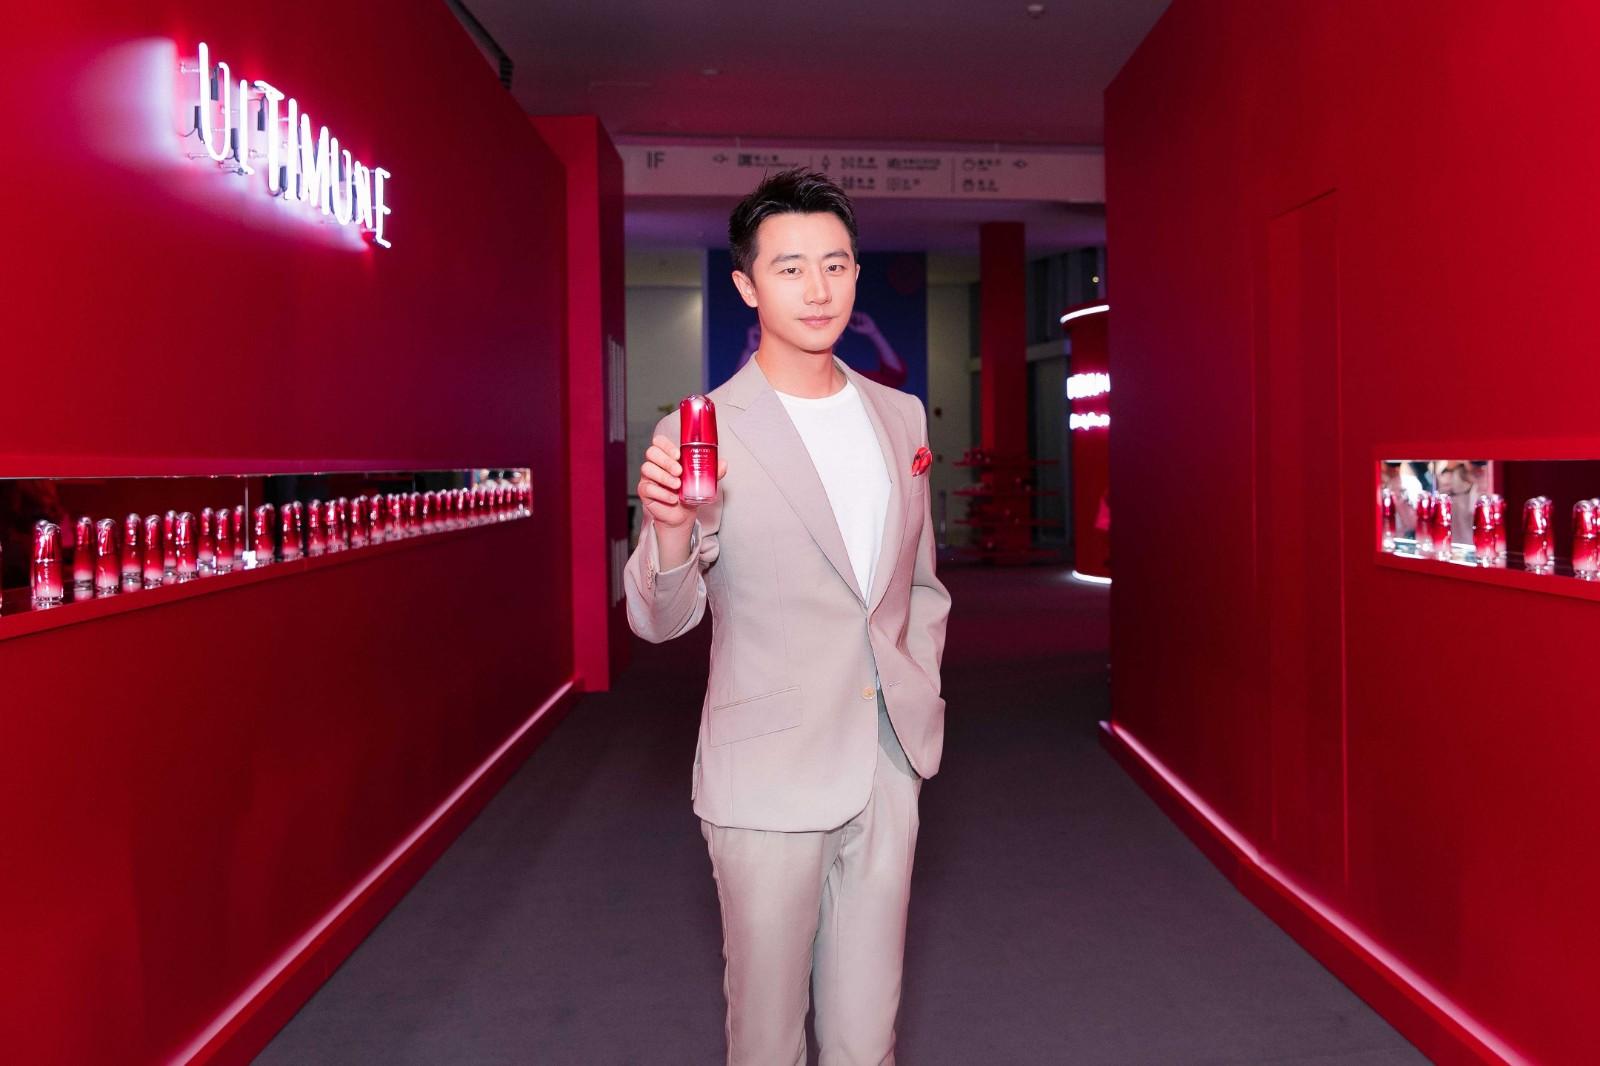 黄轩亮相某品牌发布会 米色西服清爽优雅